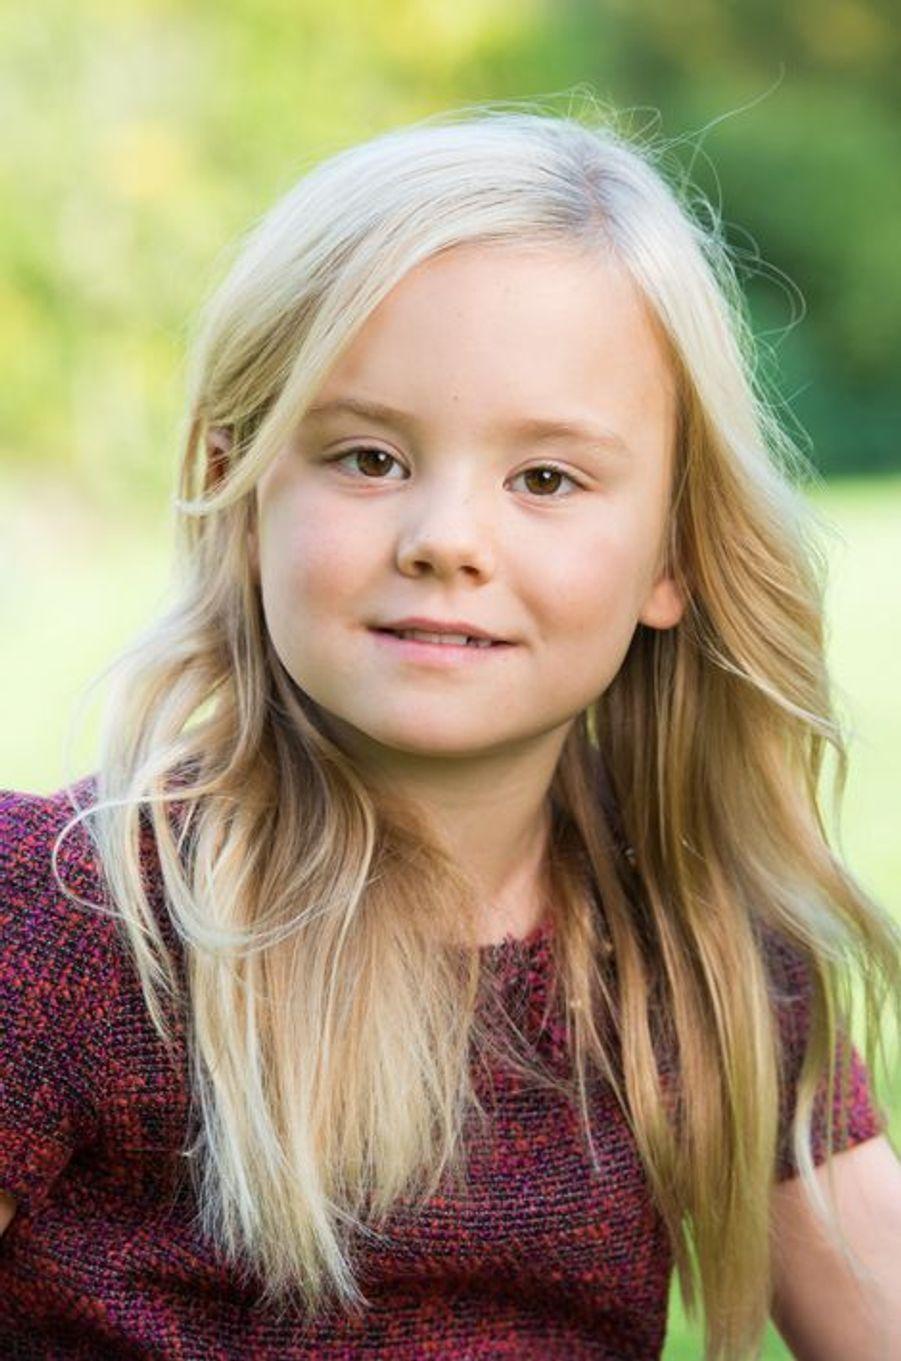 La princesse Ariane des Pays-Bas à Wassenaar, à l'automne 2014